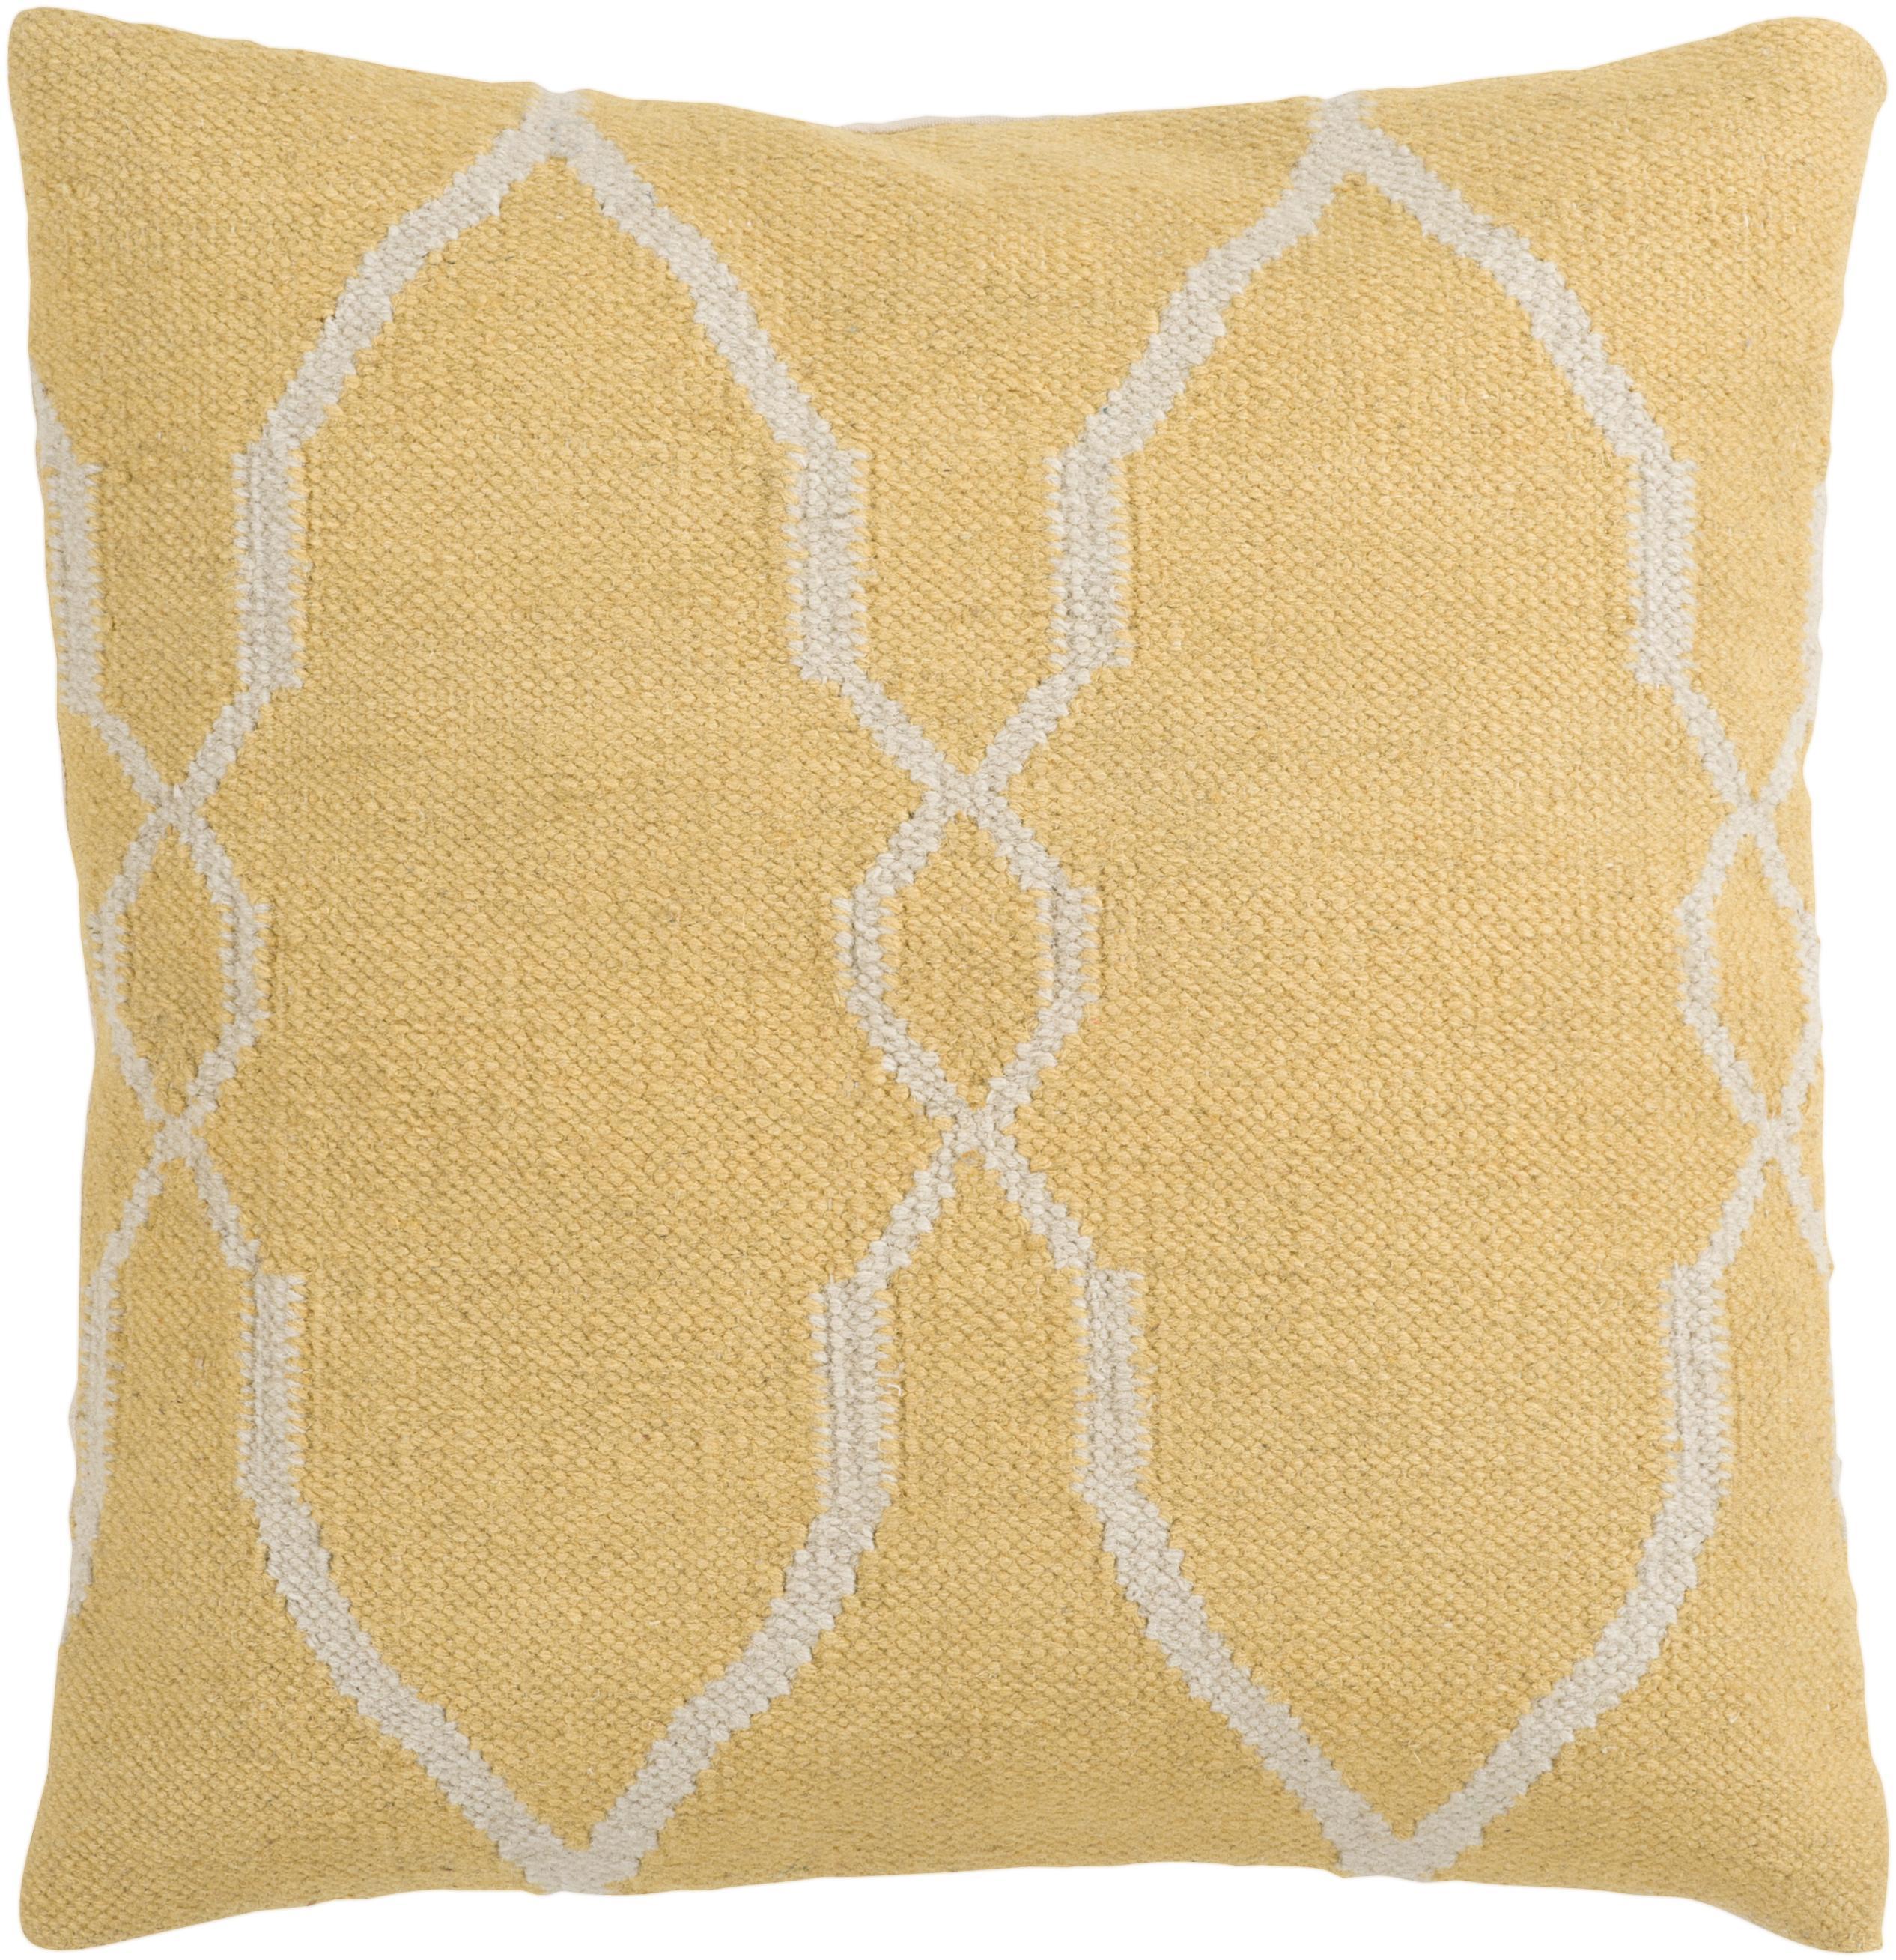 """Surya Pillows 18"""" x 18"""" Pillow - Item Number: FA017-1818P"""